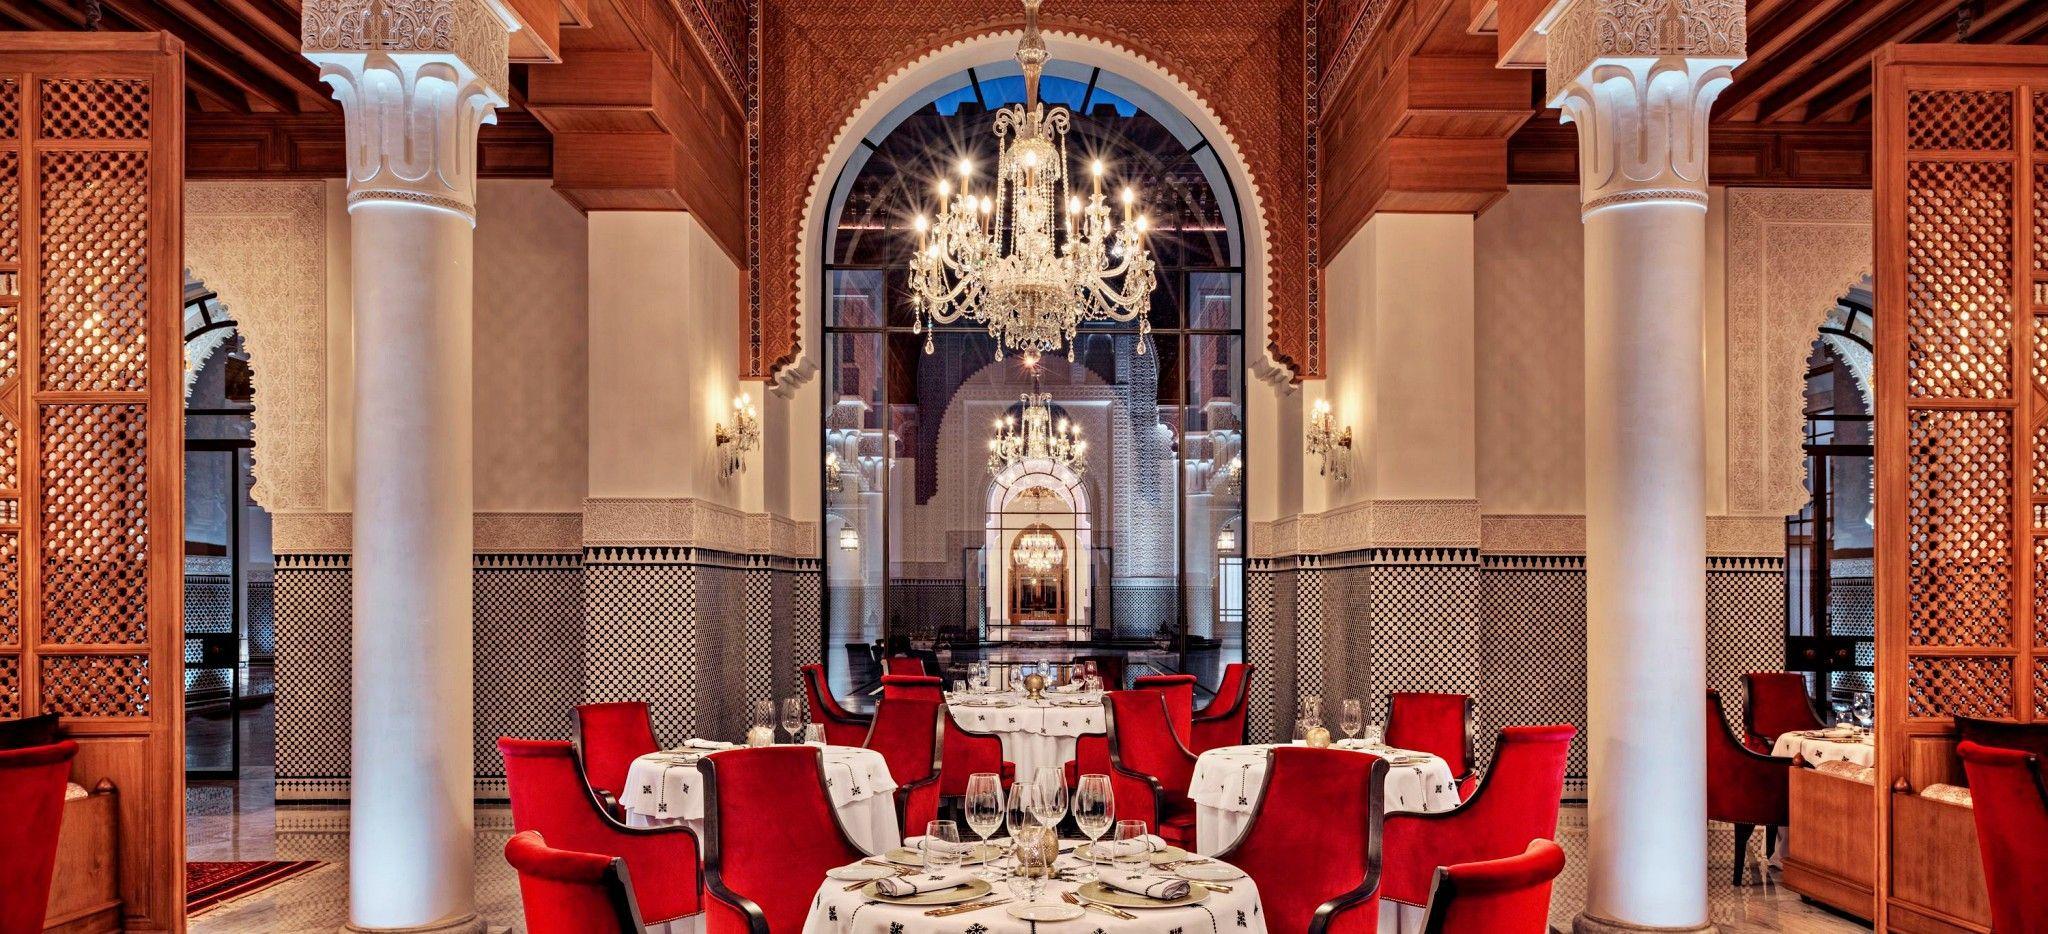 Das Restaurant Siniman im Hotel Oberoi Marrakech, Marokko